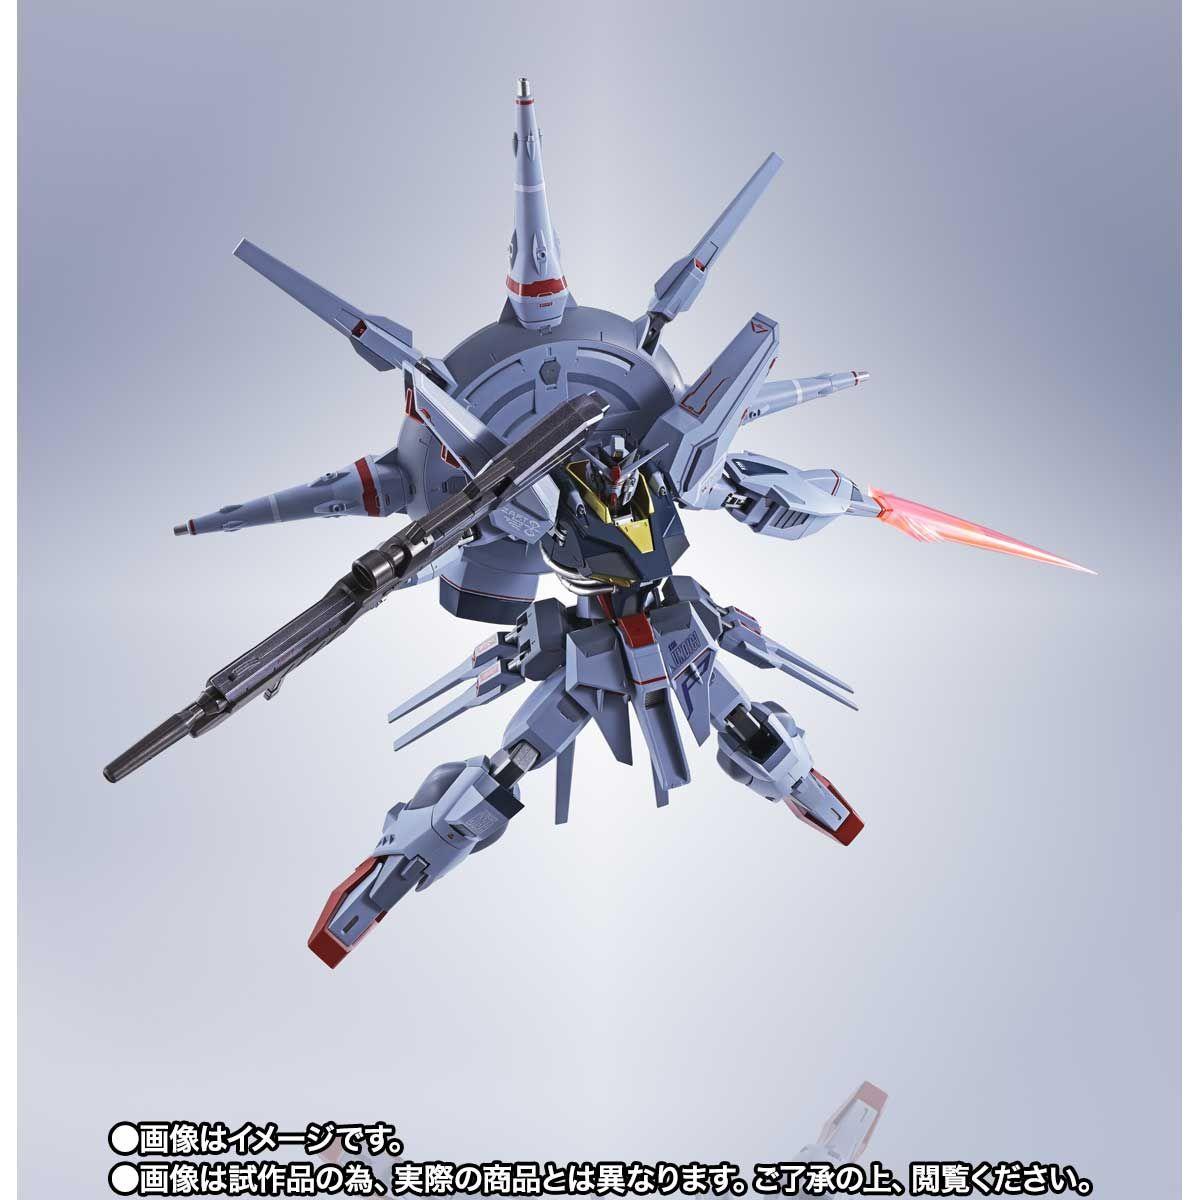 【限定販売】METAL ROBOT魂〈SIDE MS〉『プロヴィデンスガンダム』ガンダムSEED 可動フィギュア-005